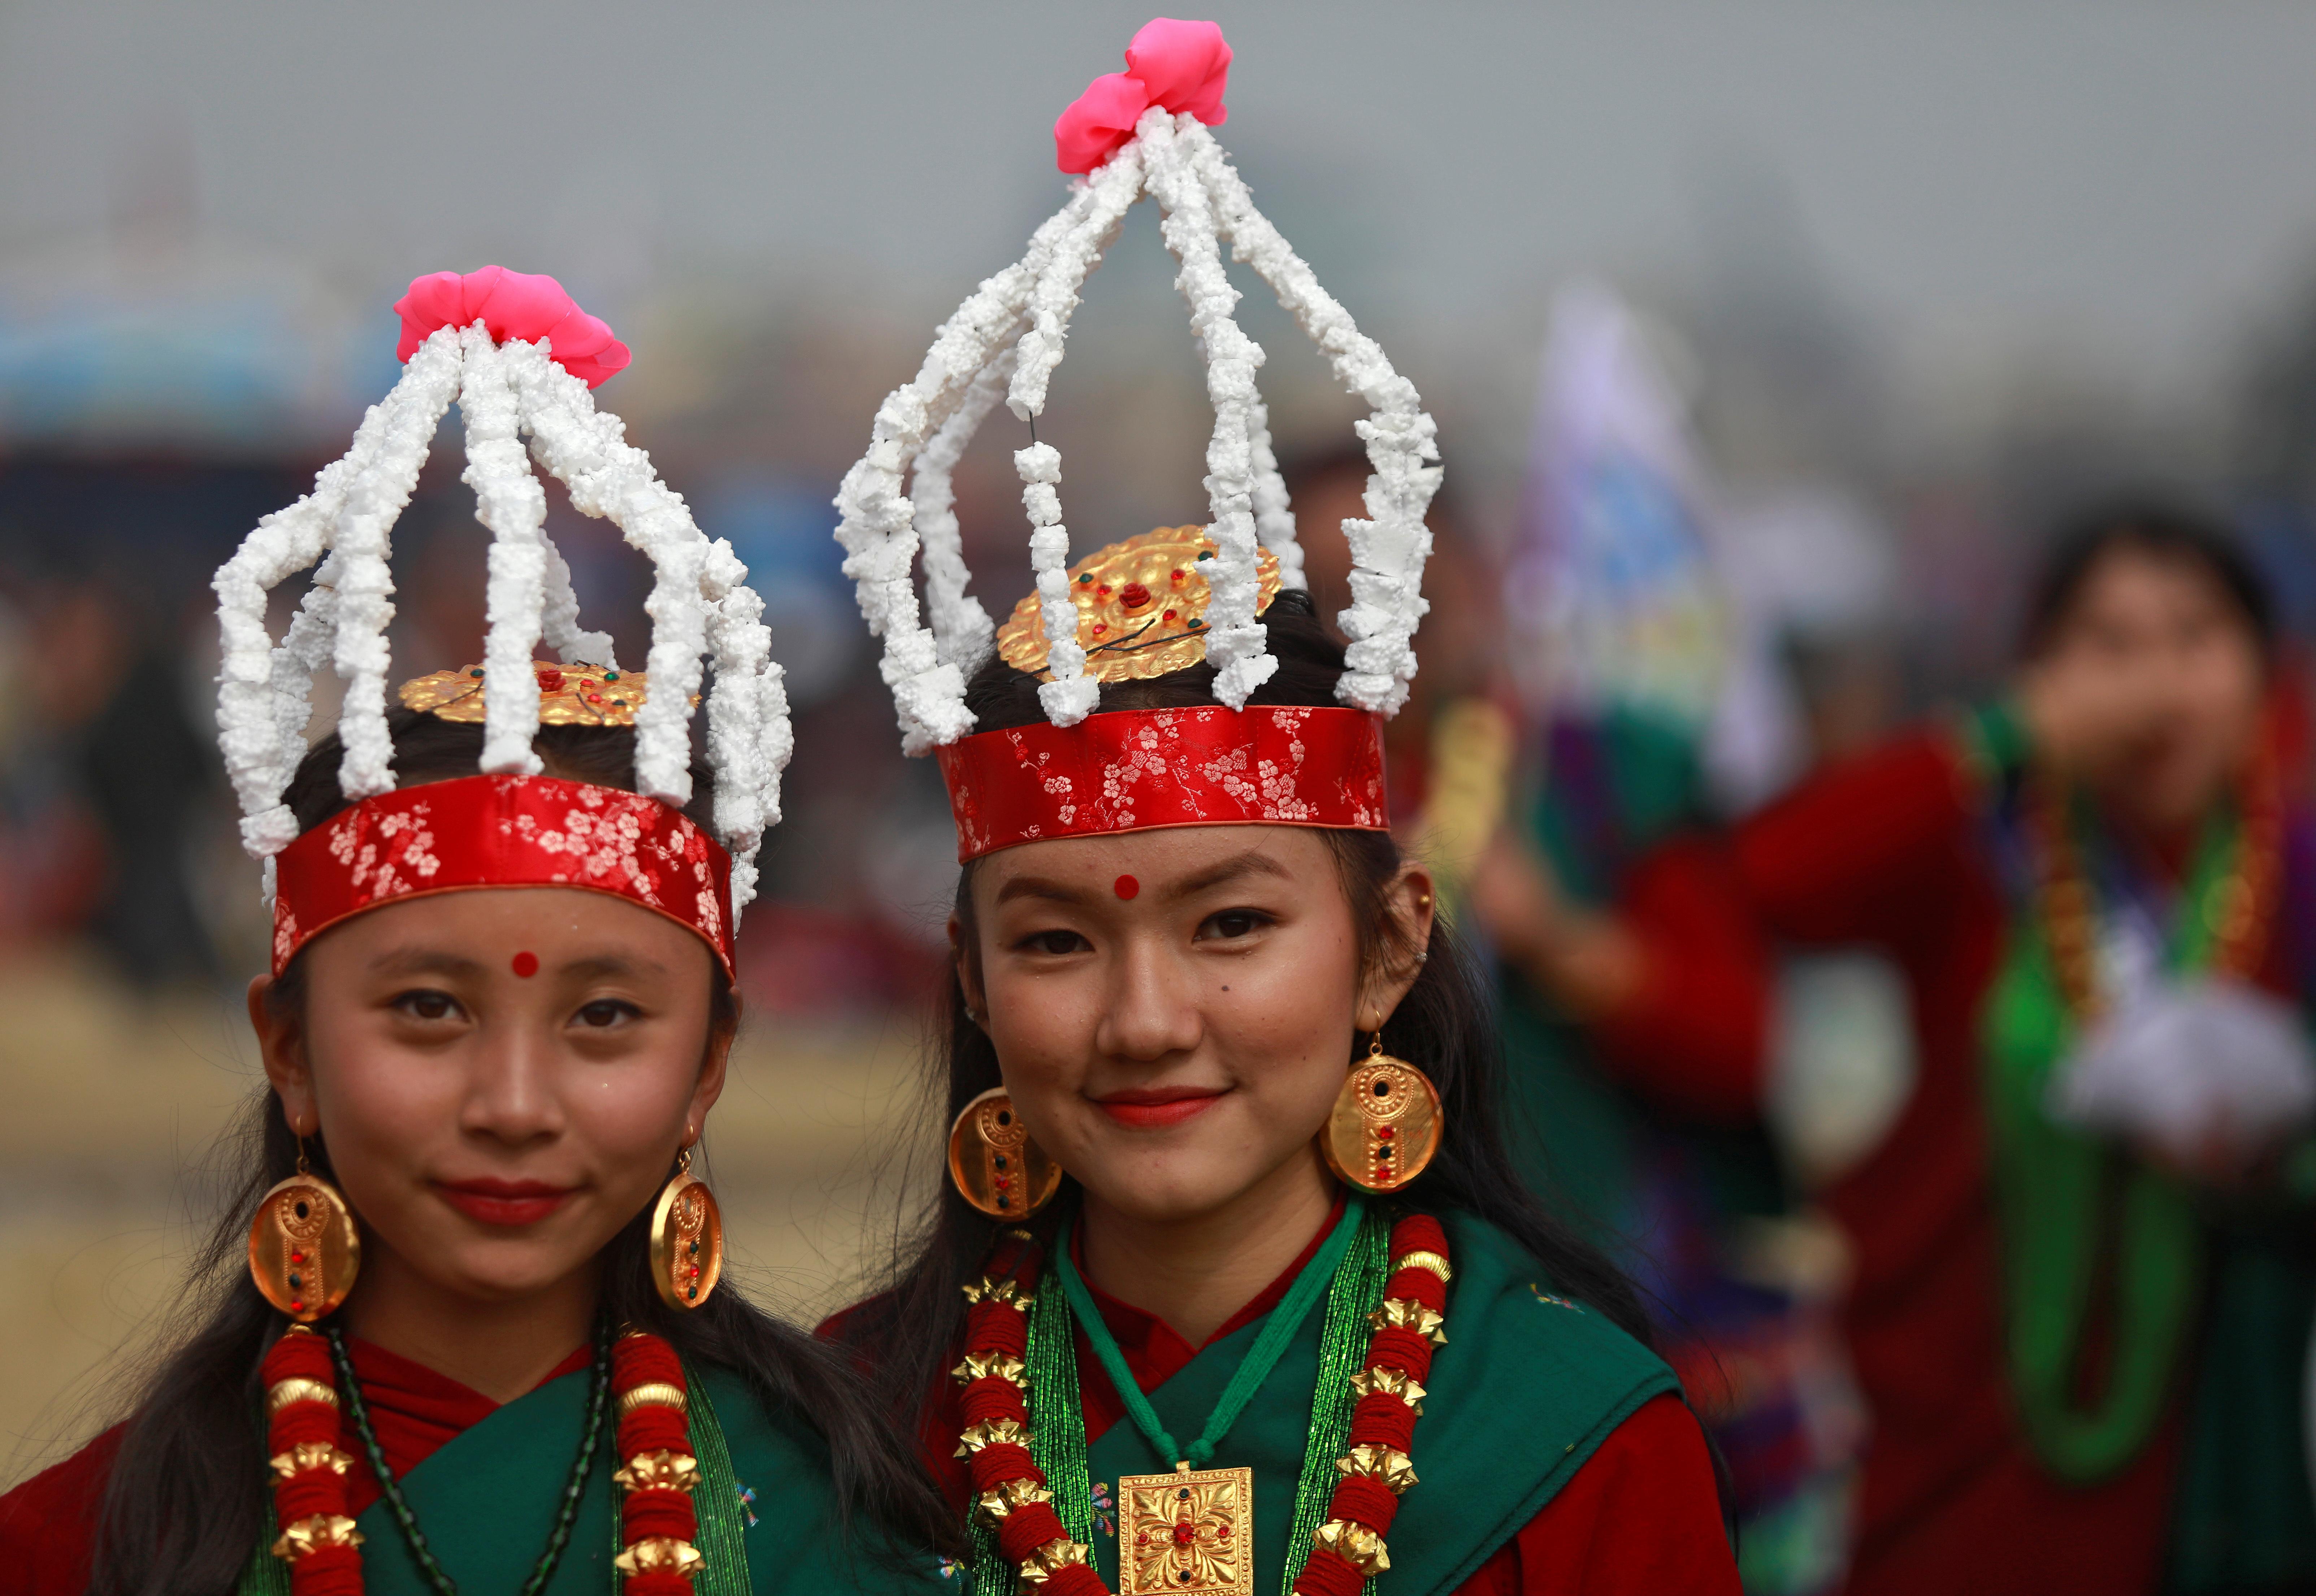 Jóvenes con vestidos tradicionales participan del desfile de Tamu Lhosar en las calles de Katmandú, Nepal, para celebrar la llegada del nuevo año.